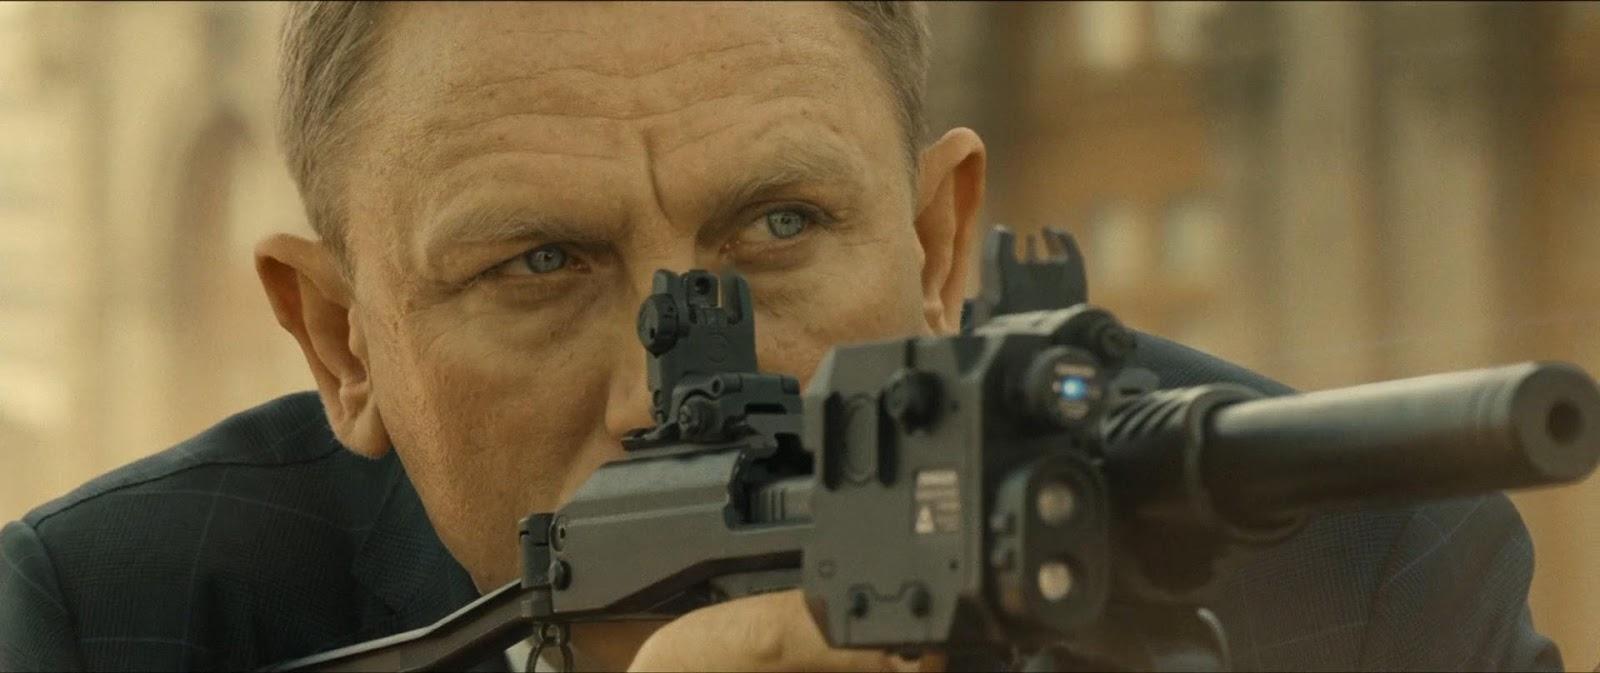 007: Spectre (2015)